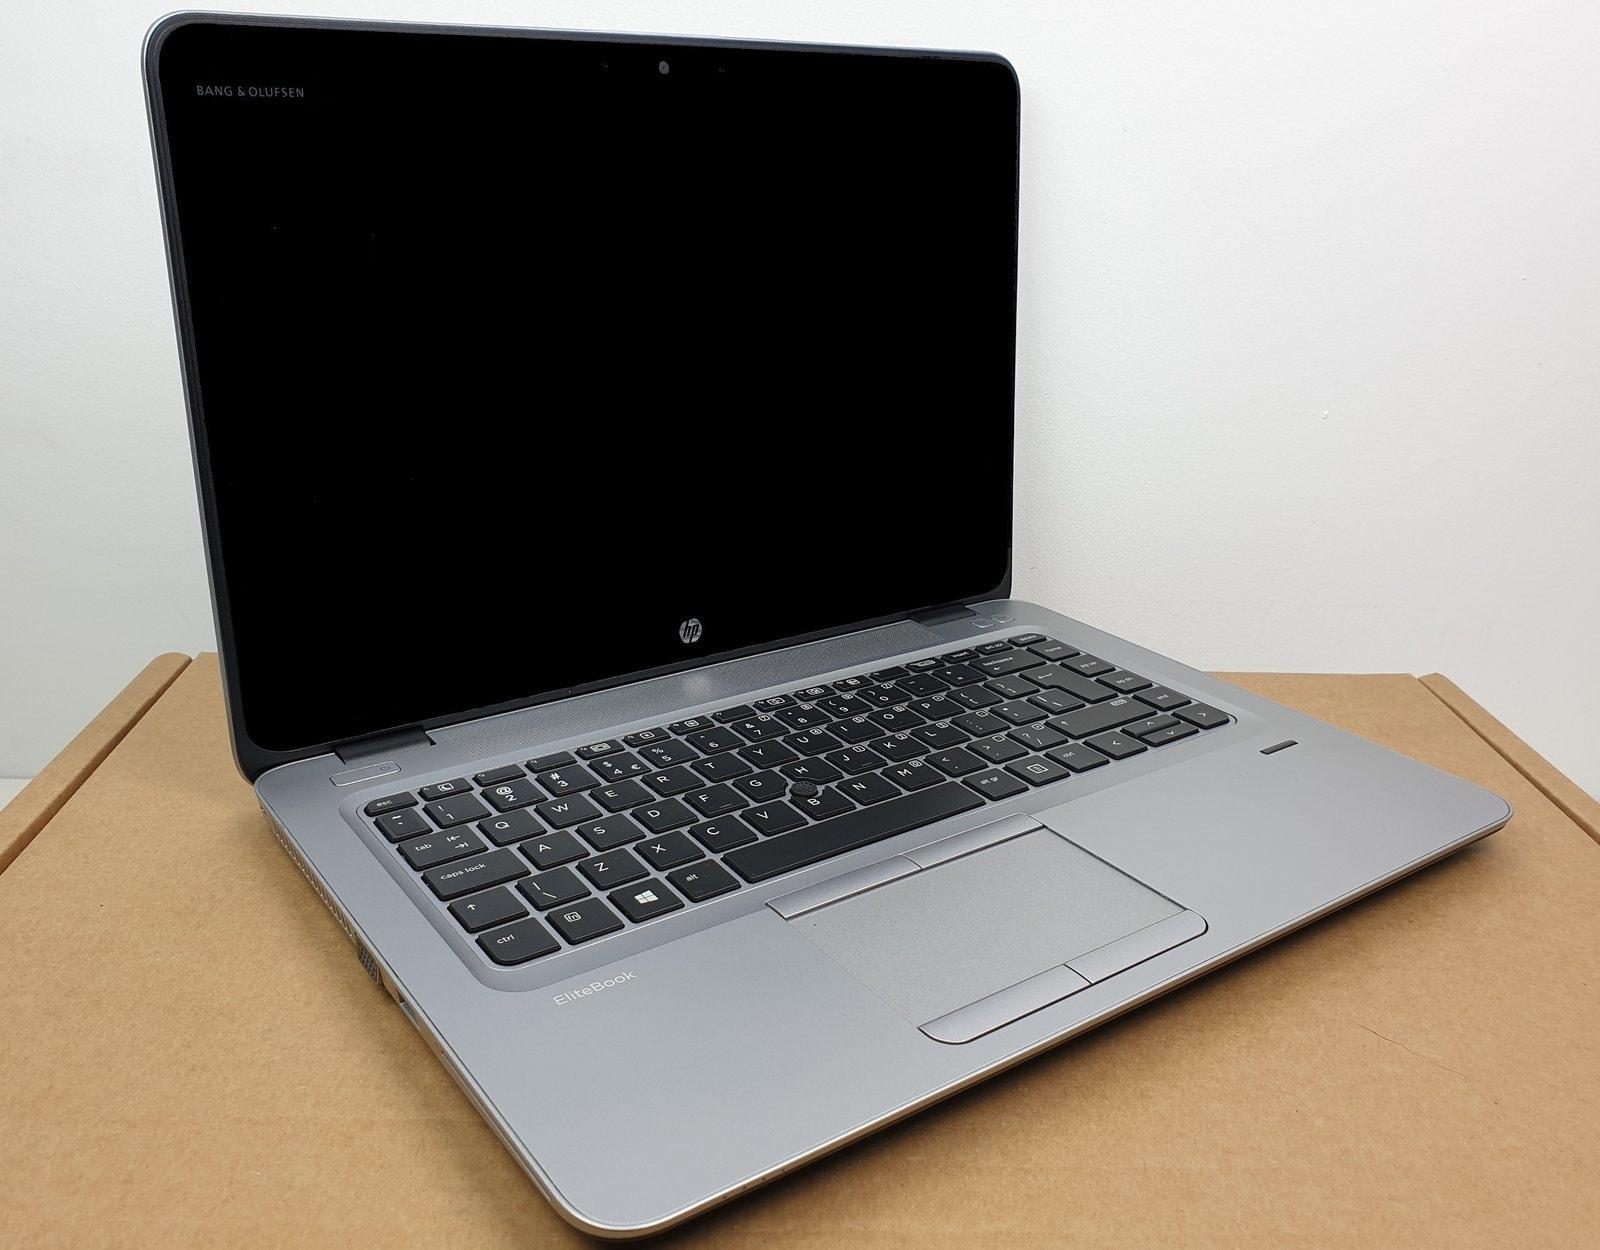 Laptop HP EliteBook 840 G3 i7 - 6 generacji / 8 GB / 240 GB SSD / 14 FullHD DOTYK / Klasa A- - 3